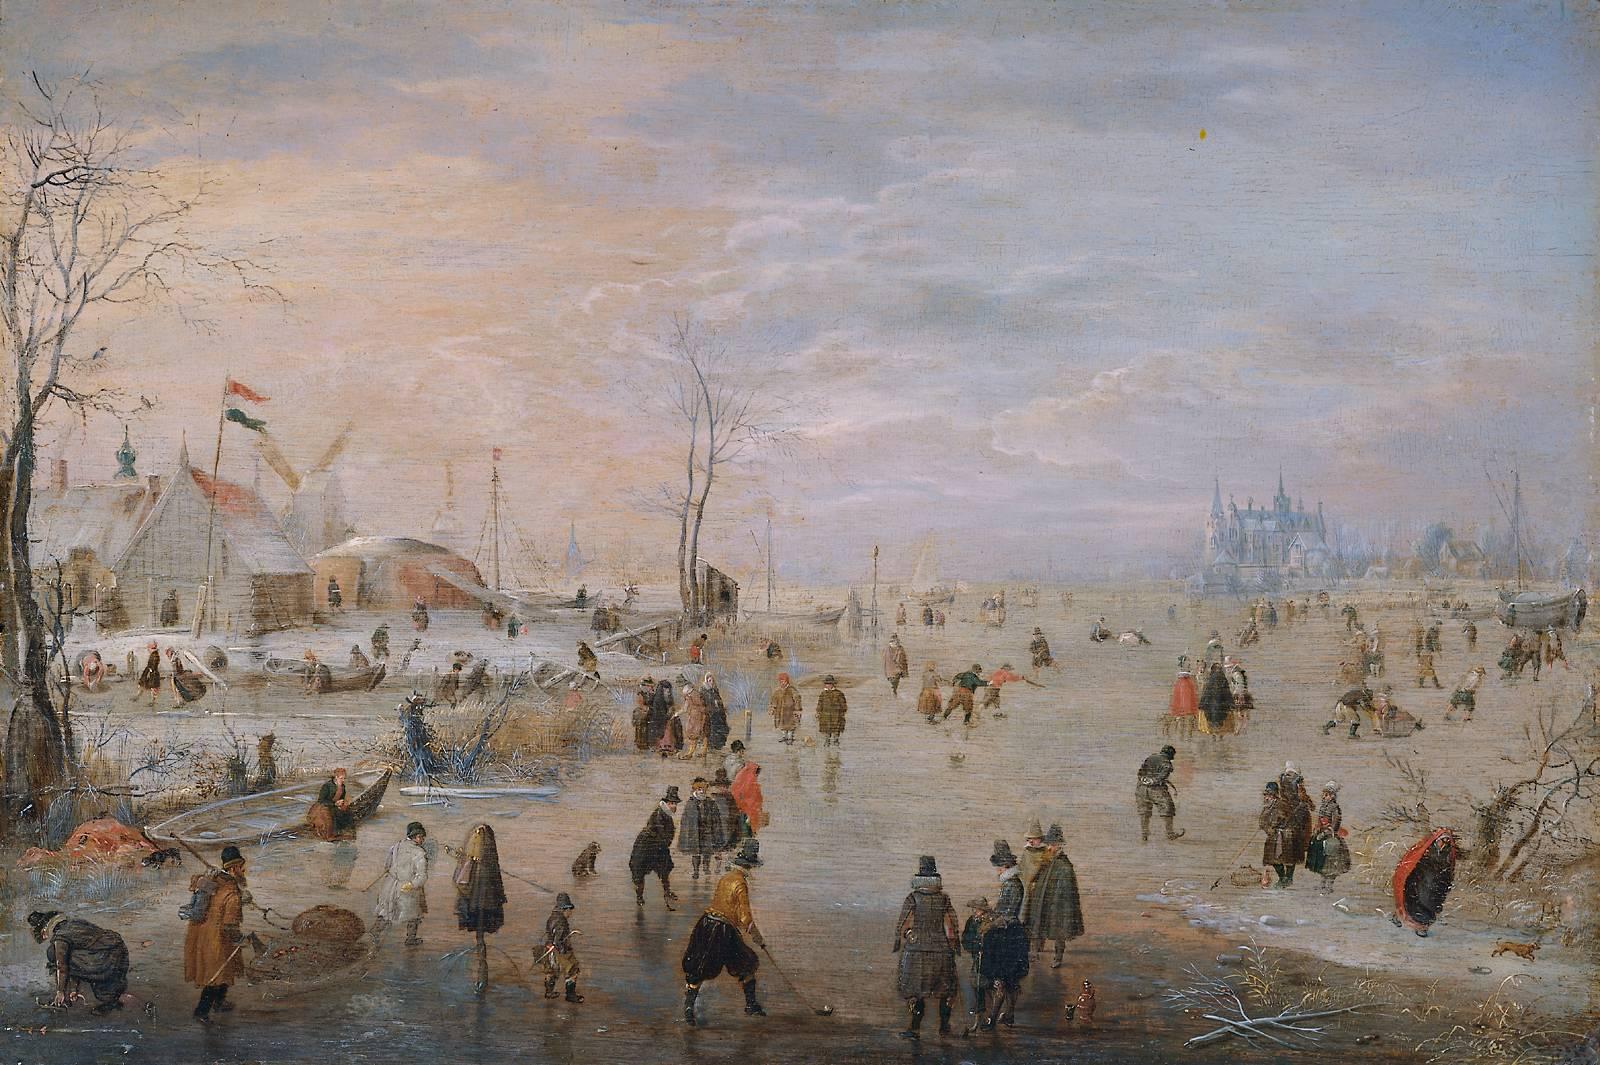 アムステルダム国立美術館展(5)ヘンドリック・アーフェルカンプ ...